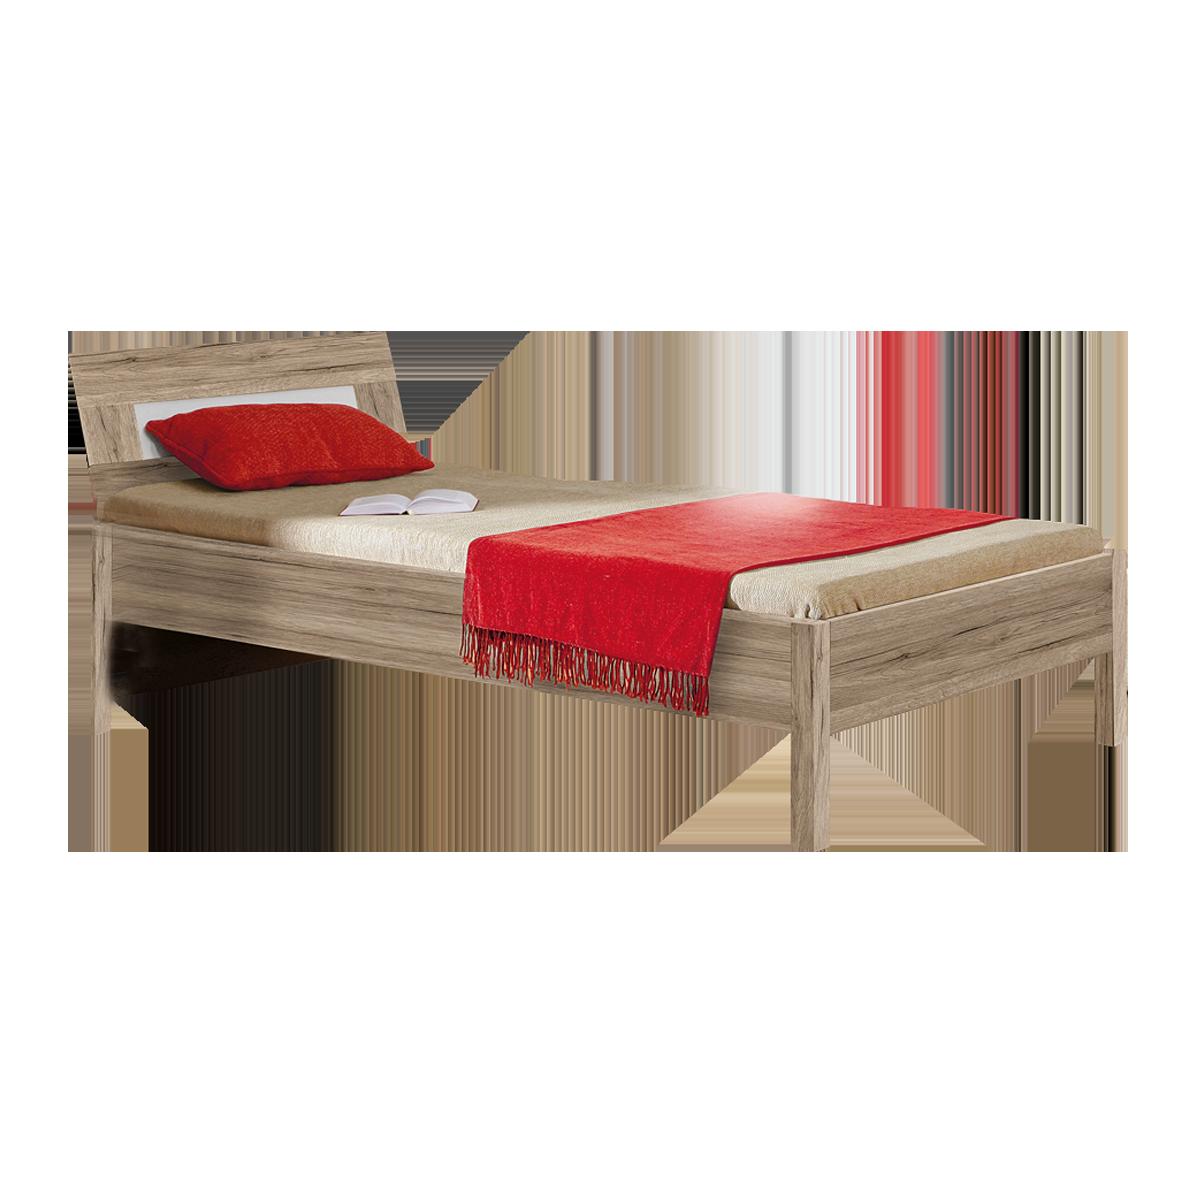 Forte Beach Jugend- und Schlafzimmer Bett Sandeiche Nachbildung